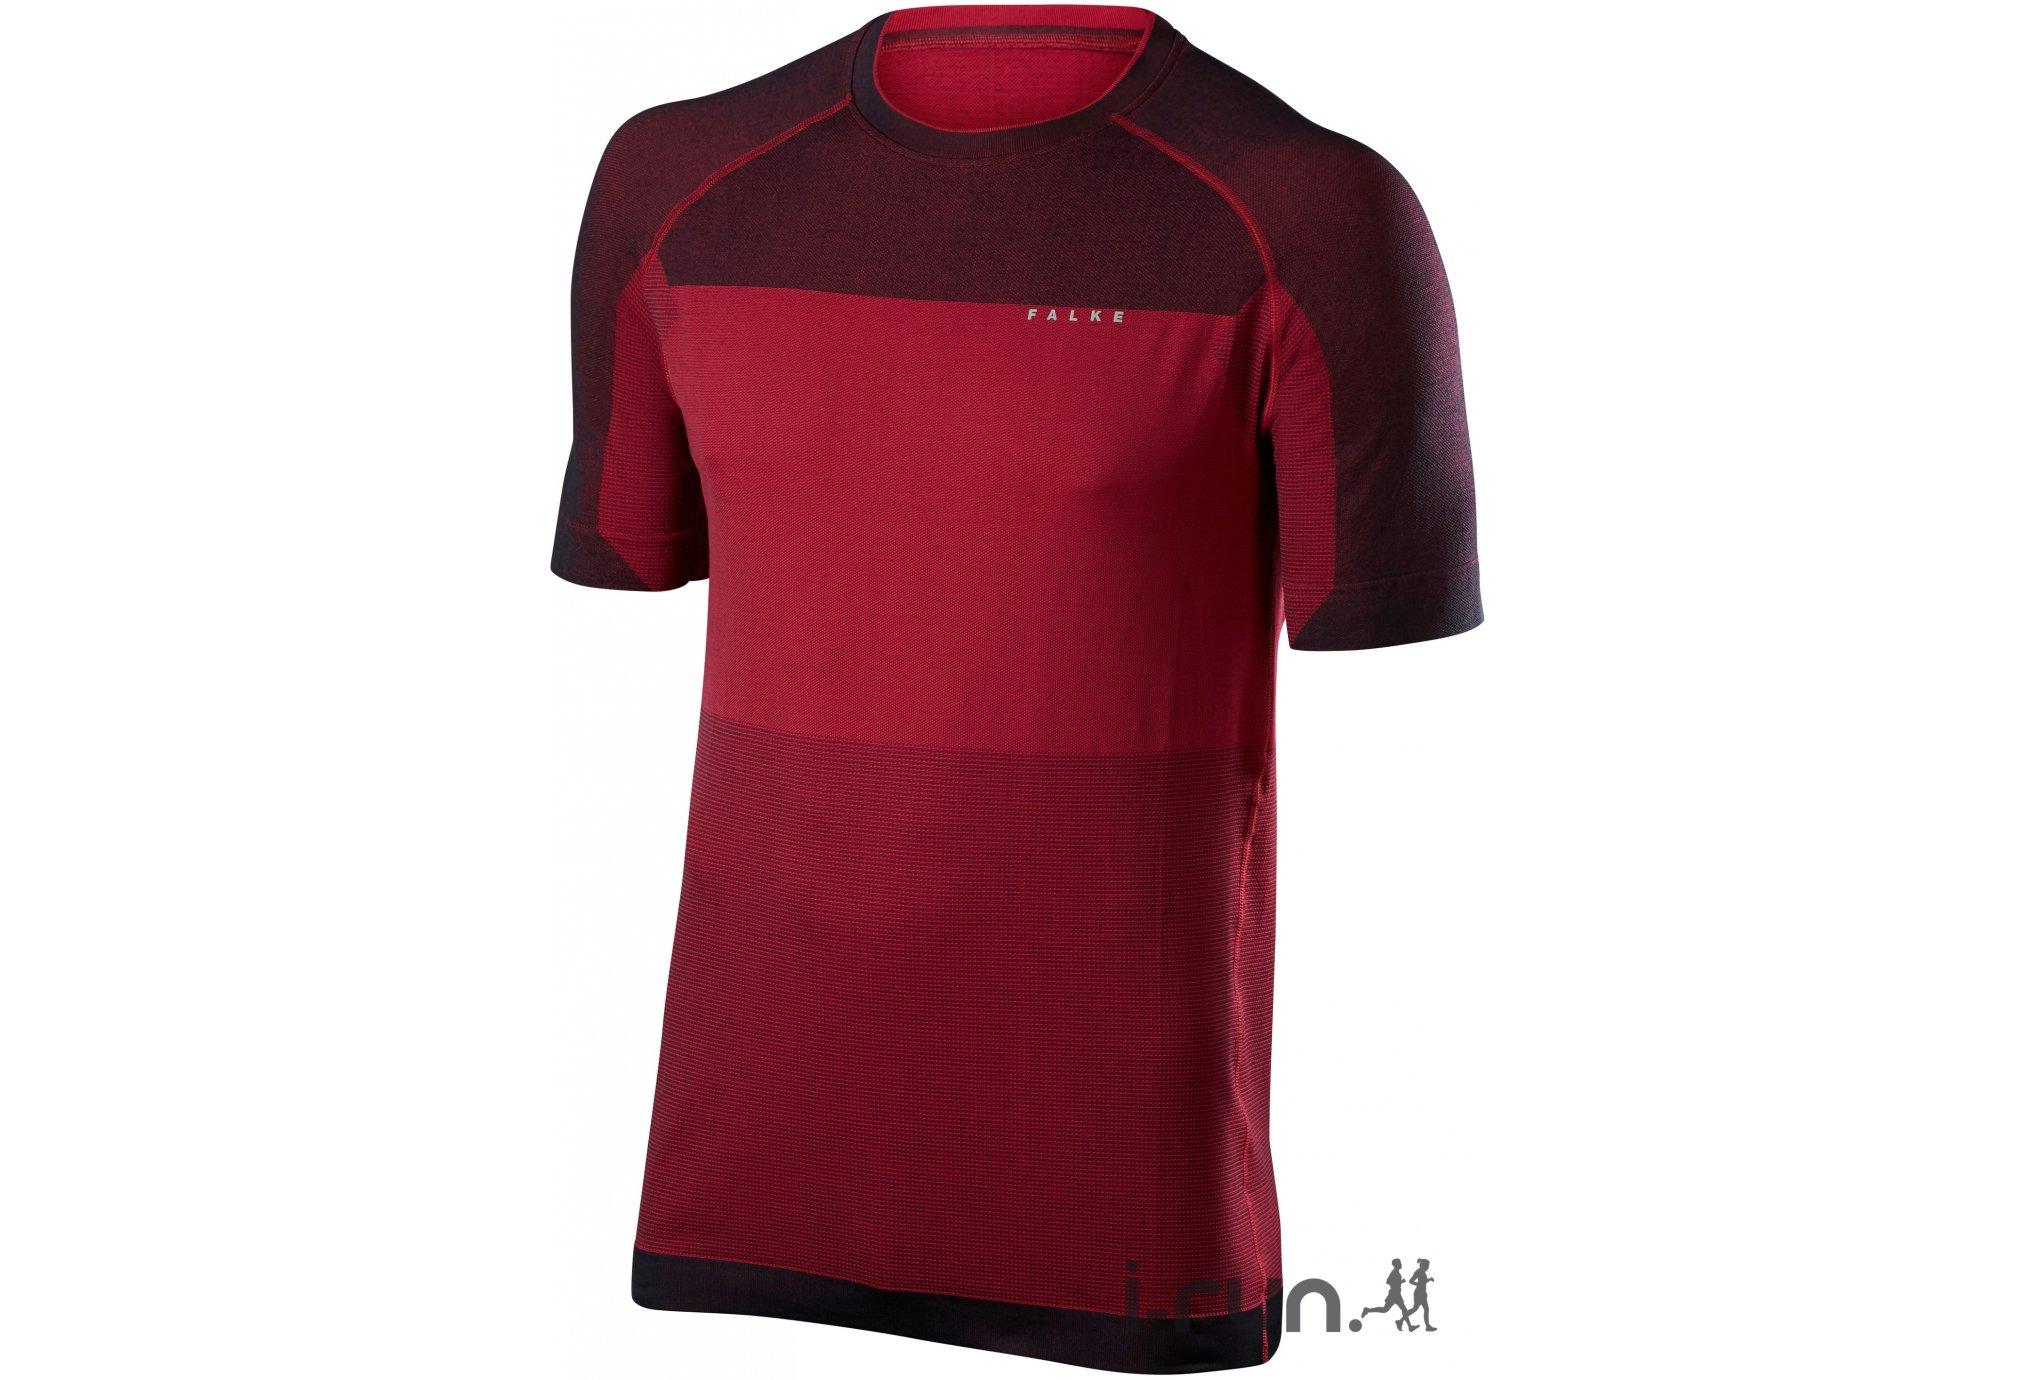 Falke Tee-shirt Running Comfort M vêtement running homme